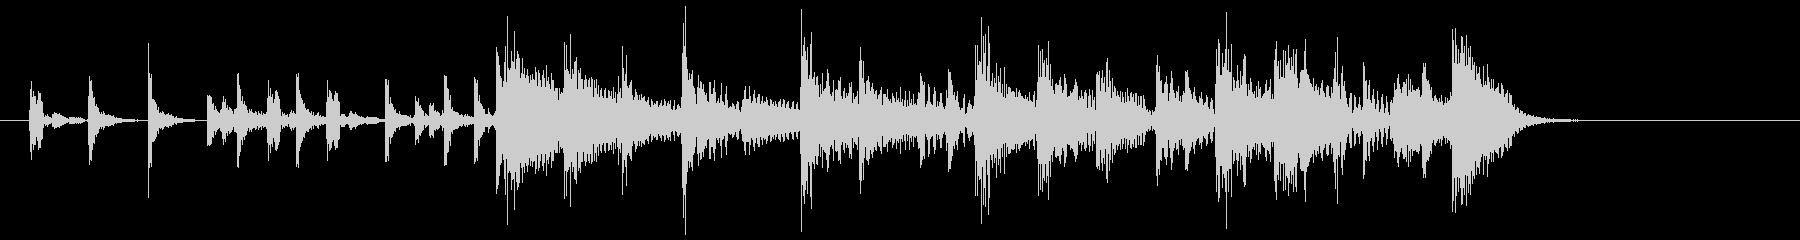 (7秒)エレキとピアノのポップなジングルの未再生の波形